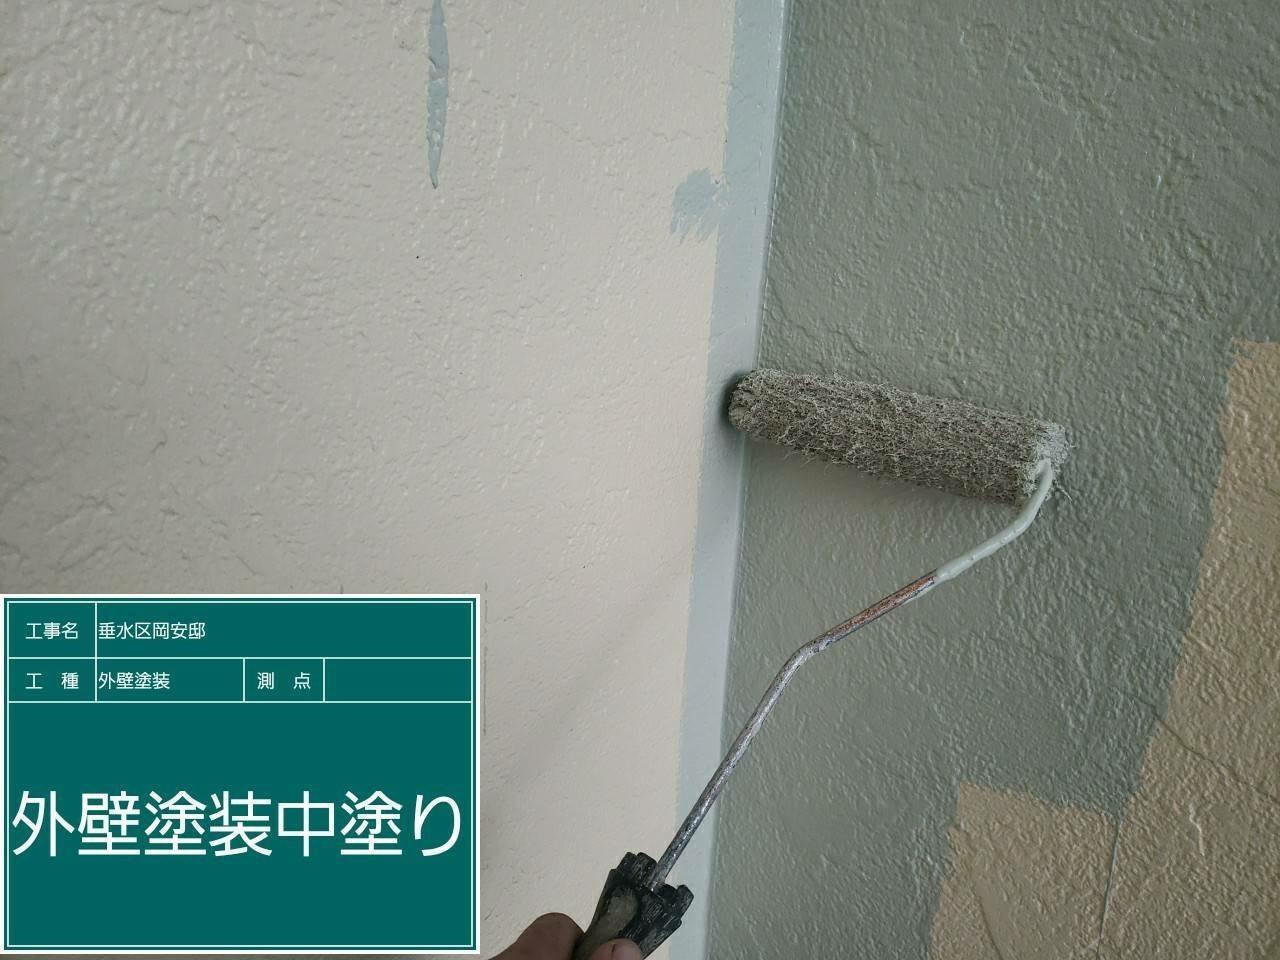 神戸市垂水区での外壁塗装工事でサイデイングに中塗りしている様子